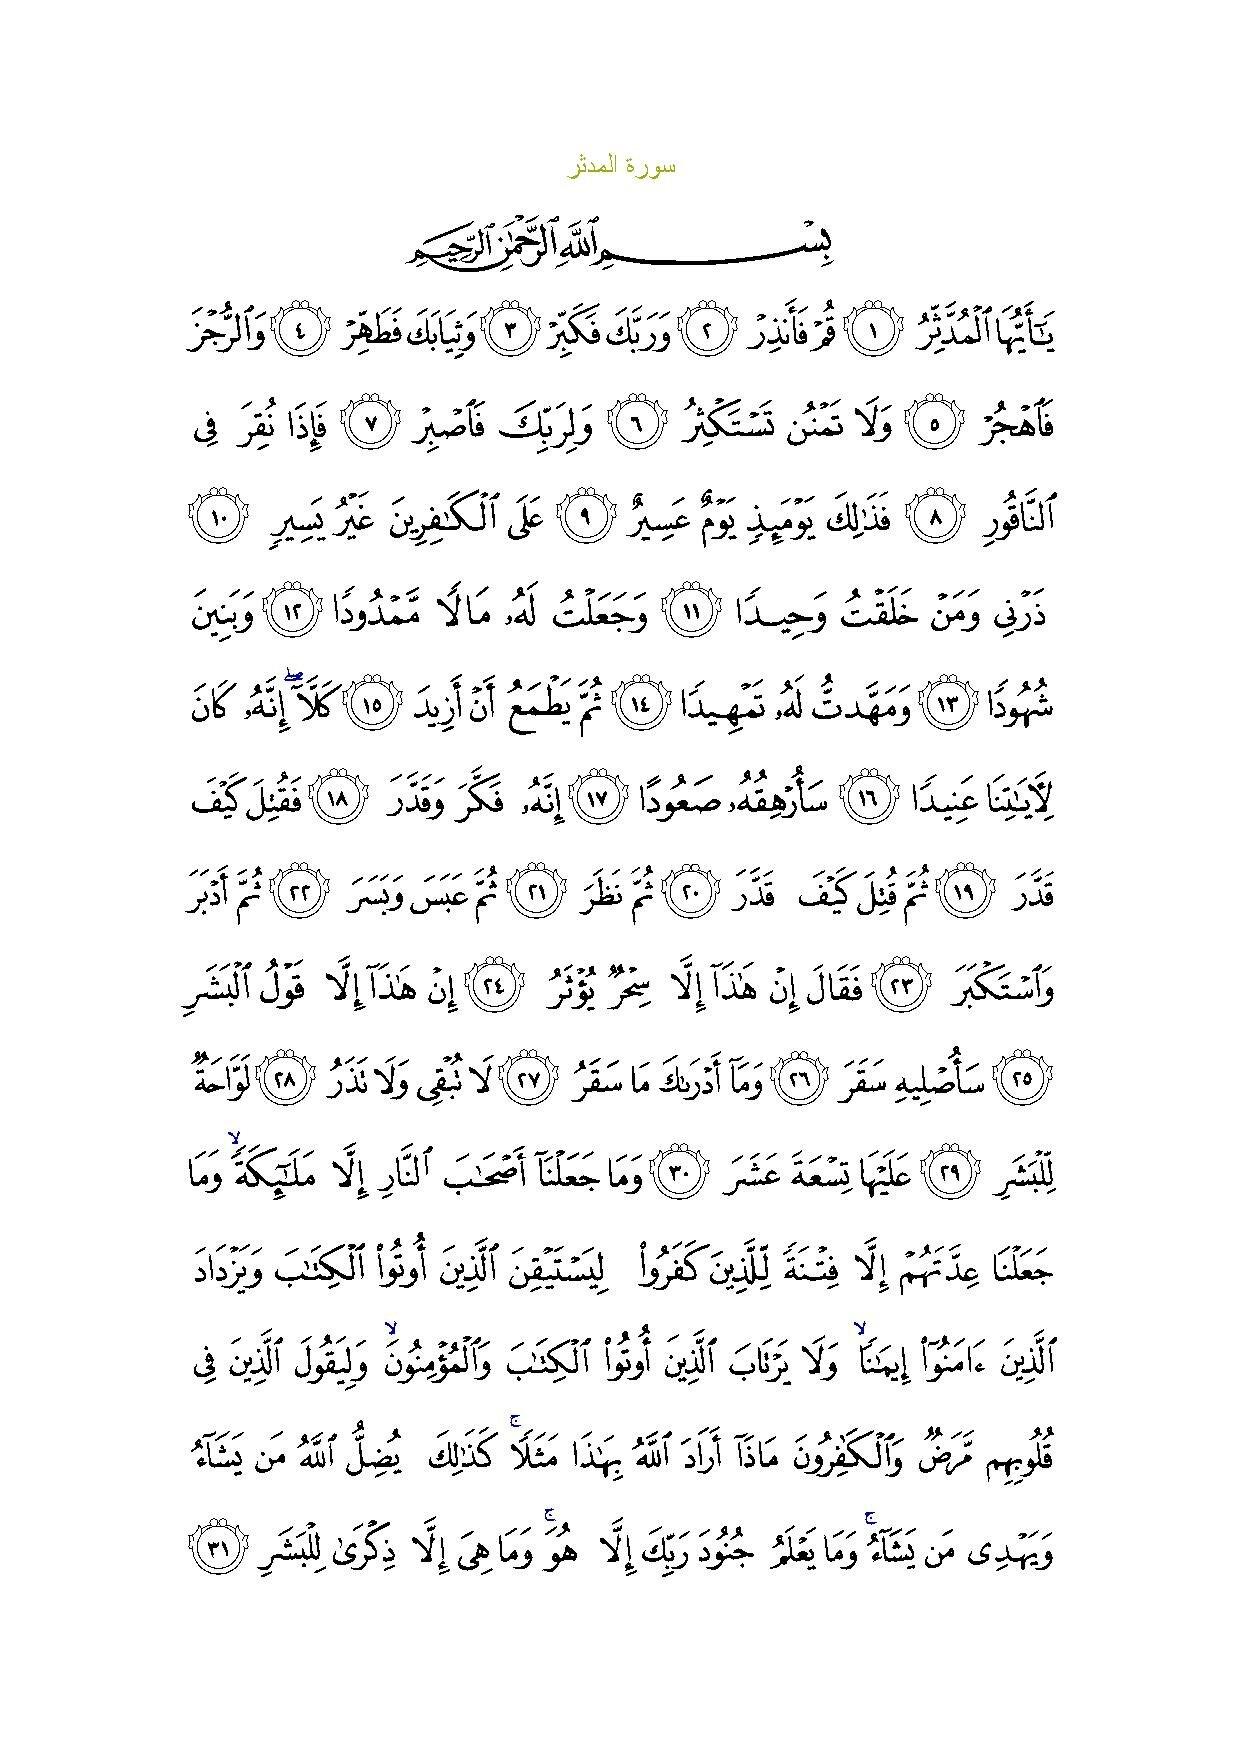 ملف:Sura74.pdf - ويكيبيديا